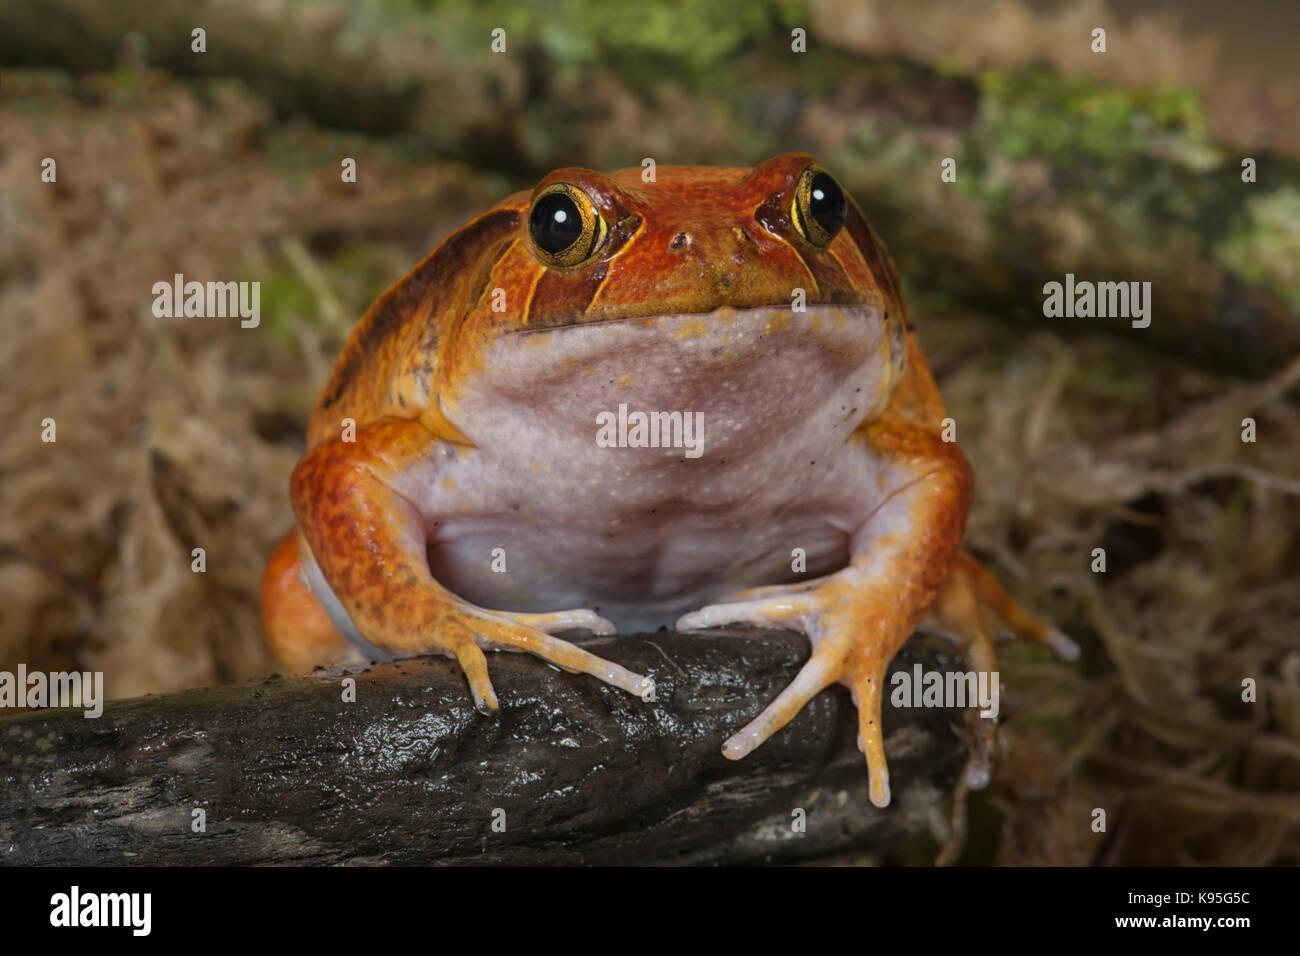 Très proche montrant le visage plein d'une grenouille tomate face caméra Photo Stock